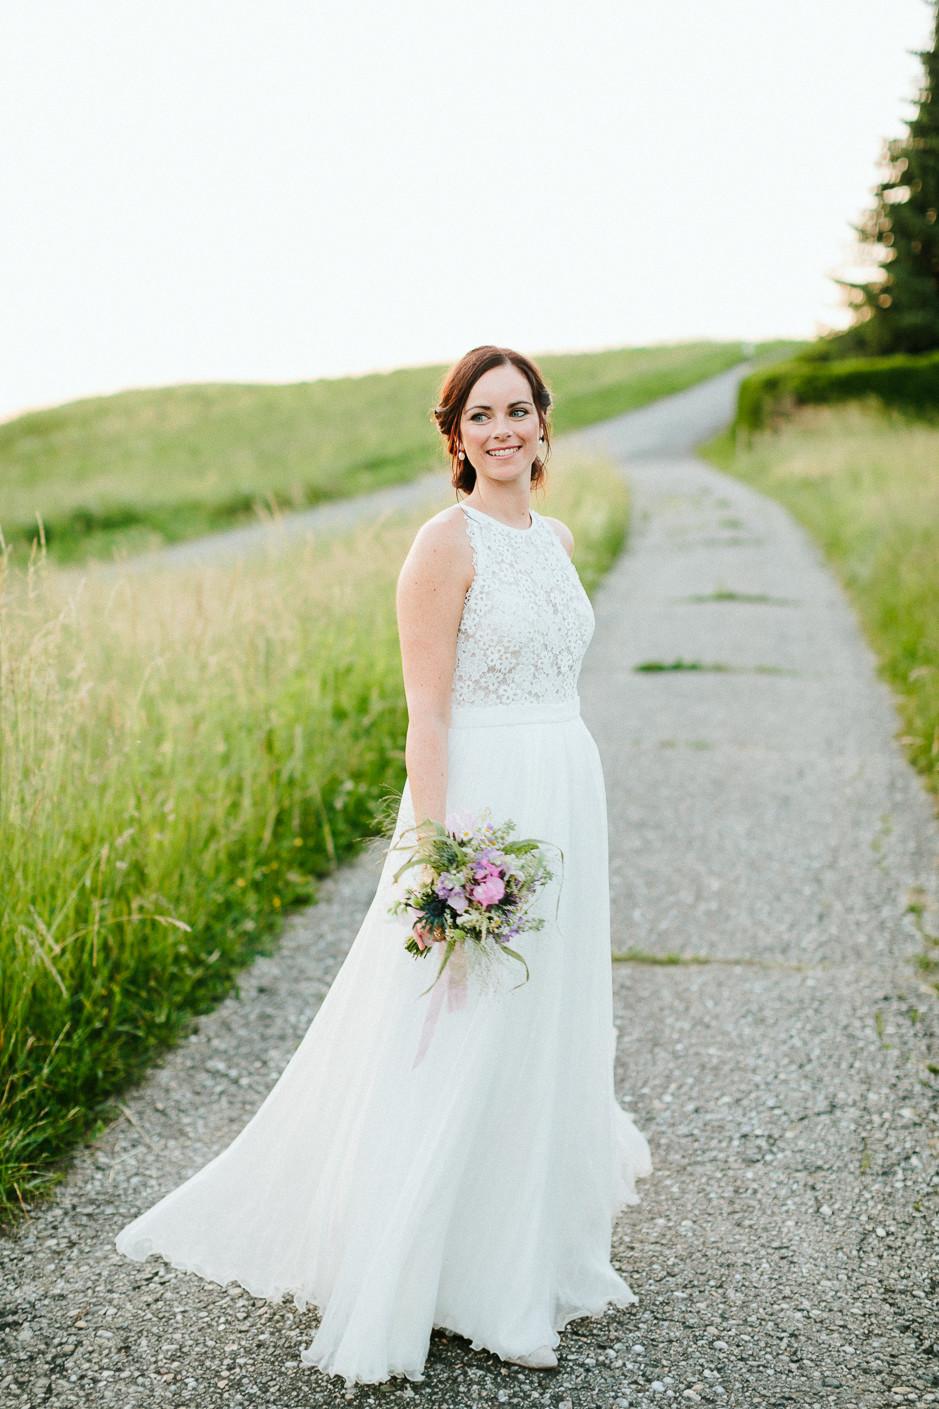 Inga+Michael - IM-Hochzeit-Weingut-Holler-120.jpg